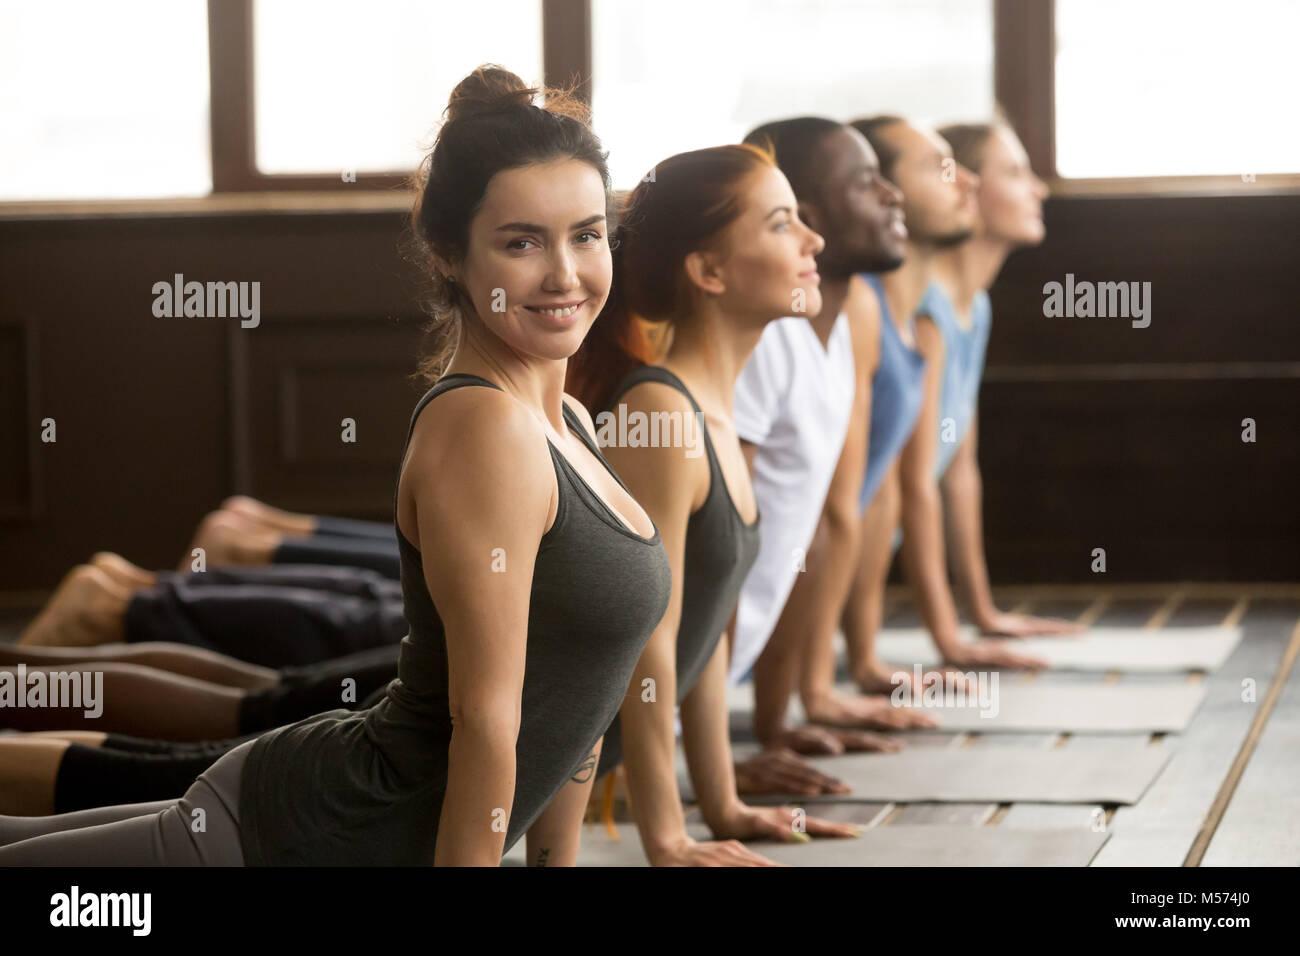 Instructor de yoga mirando a la cámara haciendo ejercicio en grupo traini Imagen De Stock